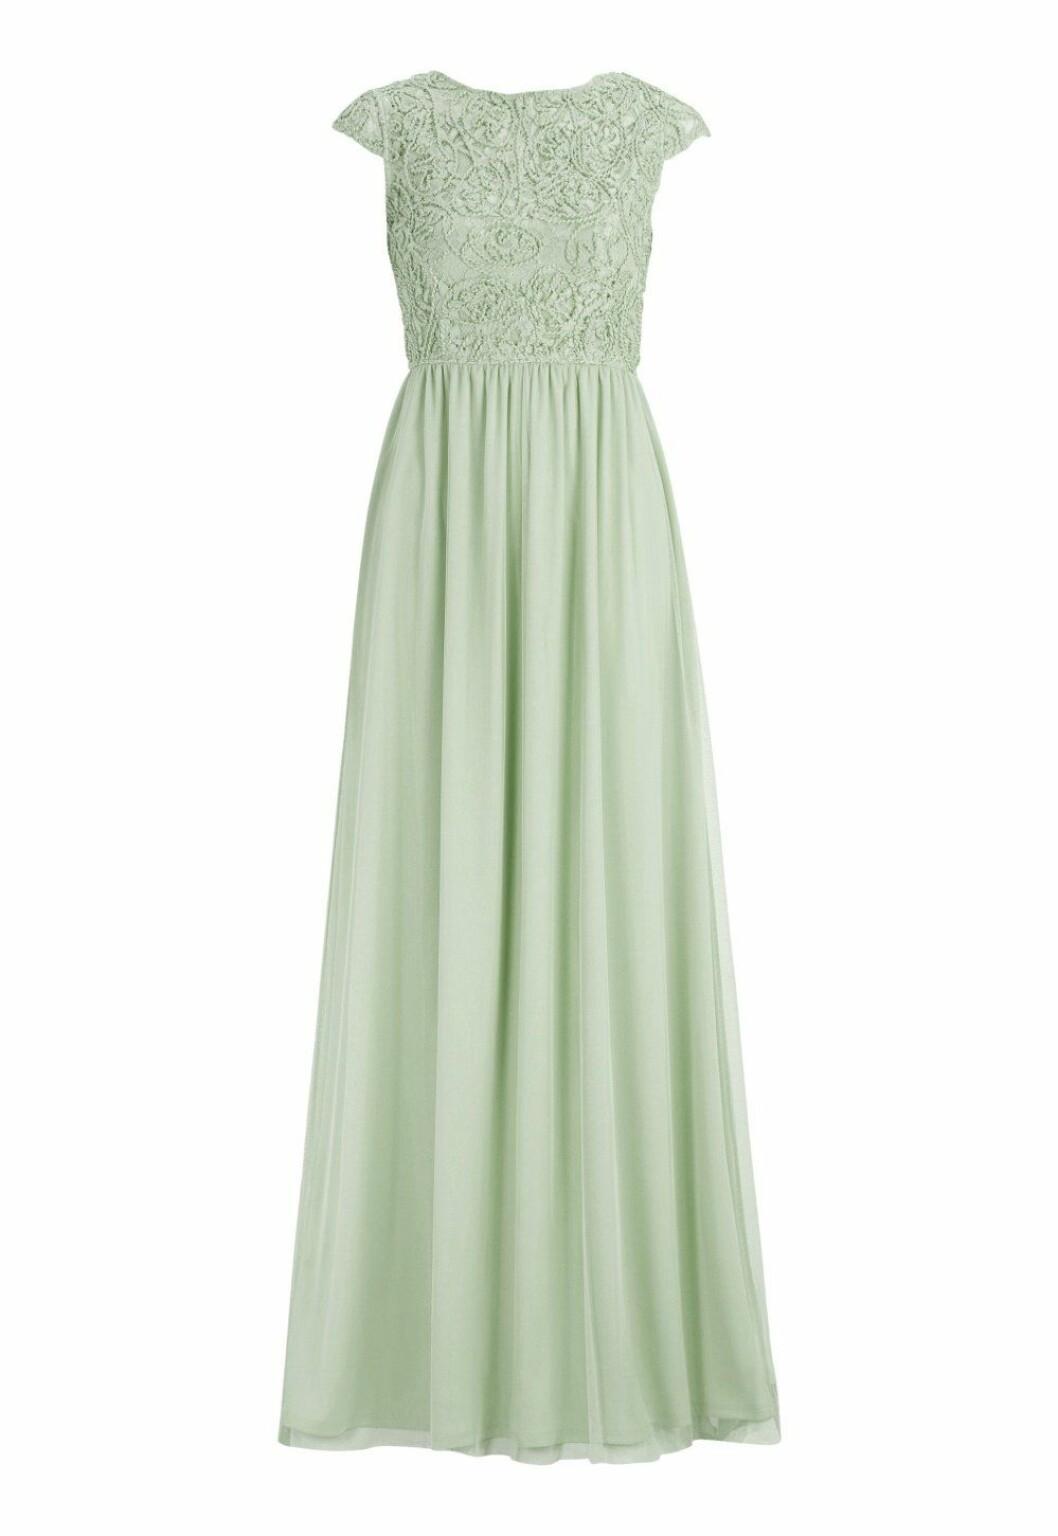 Grön billig långklänning till bröllop